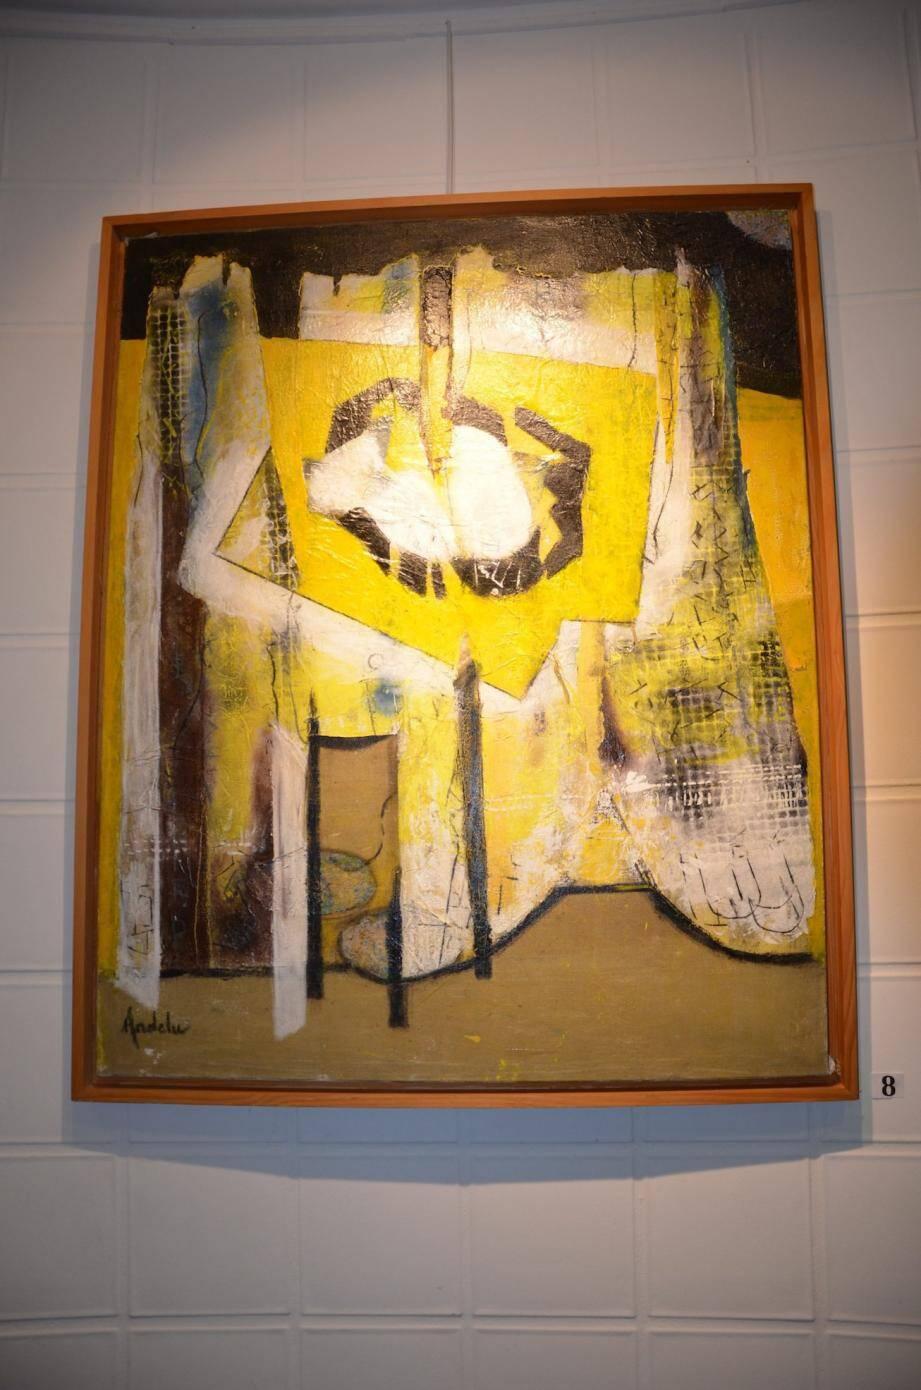 Pour cette exposition, les œuvres d'Andelu font appel à des techniques mixtes et à des couleurs de forte intensité.